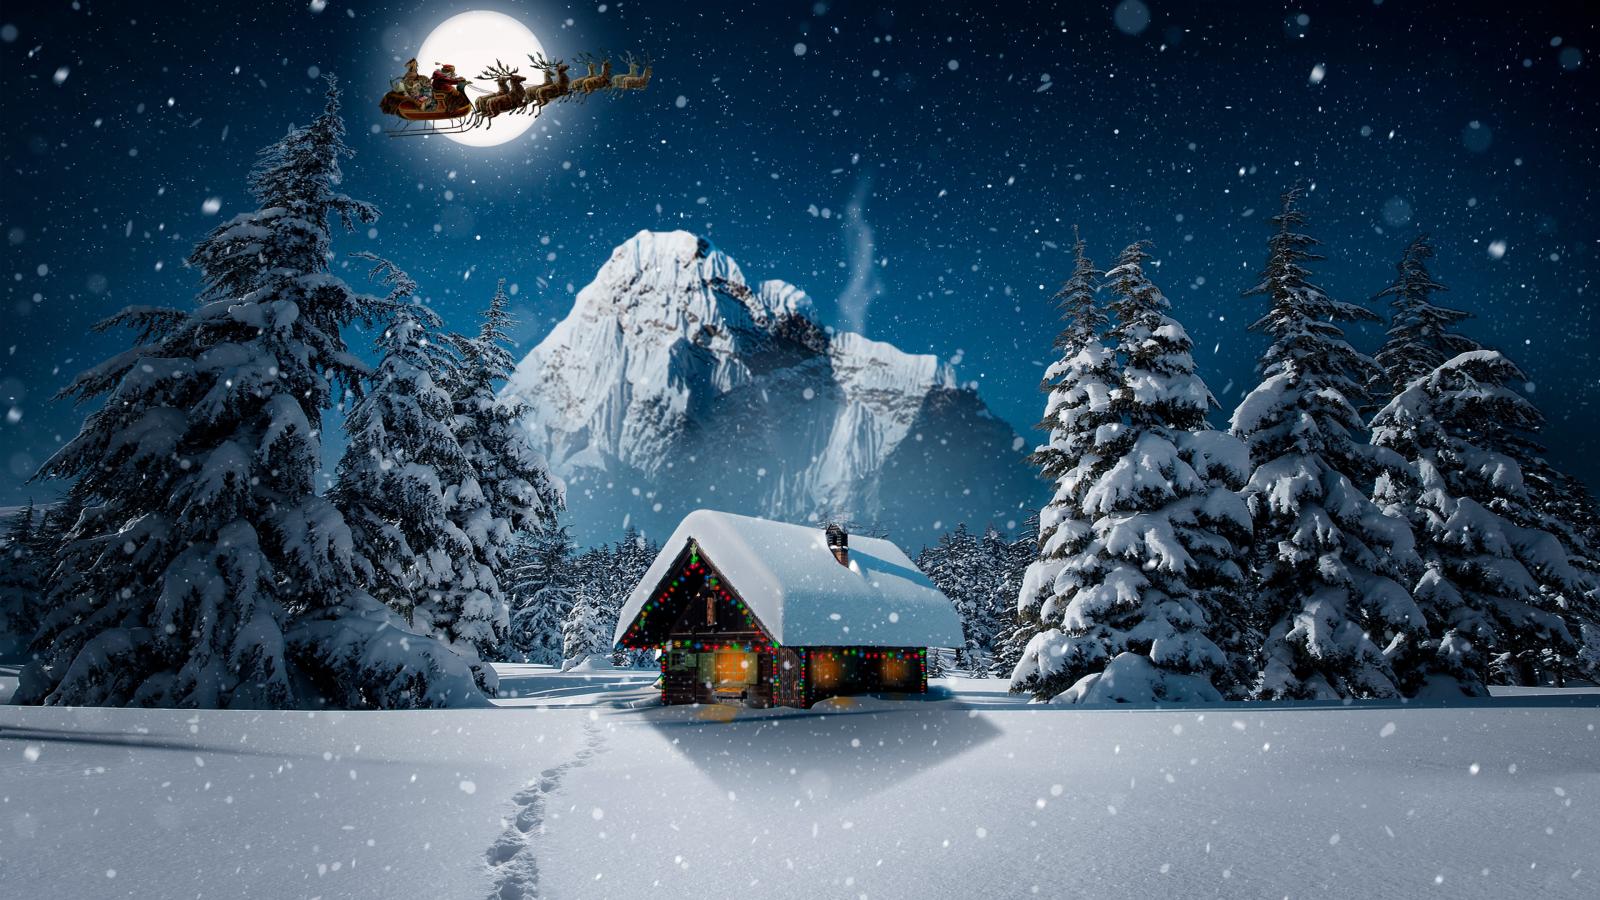 Санта-Клаус / Santa Claus летящий в санях, запряженной оленями, в ночном лунном небе над деревянным наряженным домиком, стоящим среди заснеженных елей на фоне горы, покрытой снегом